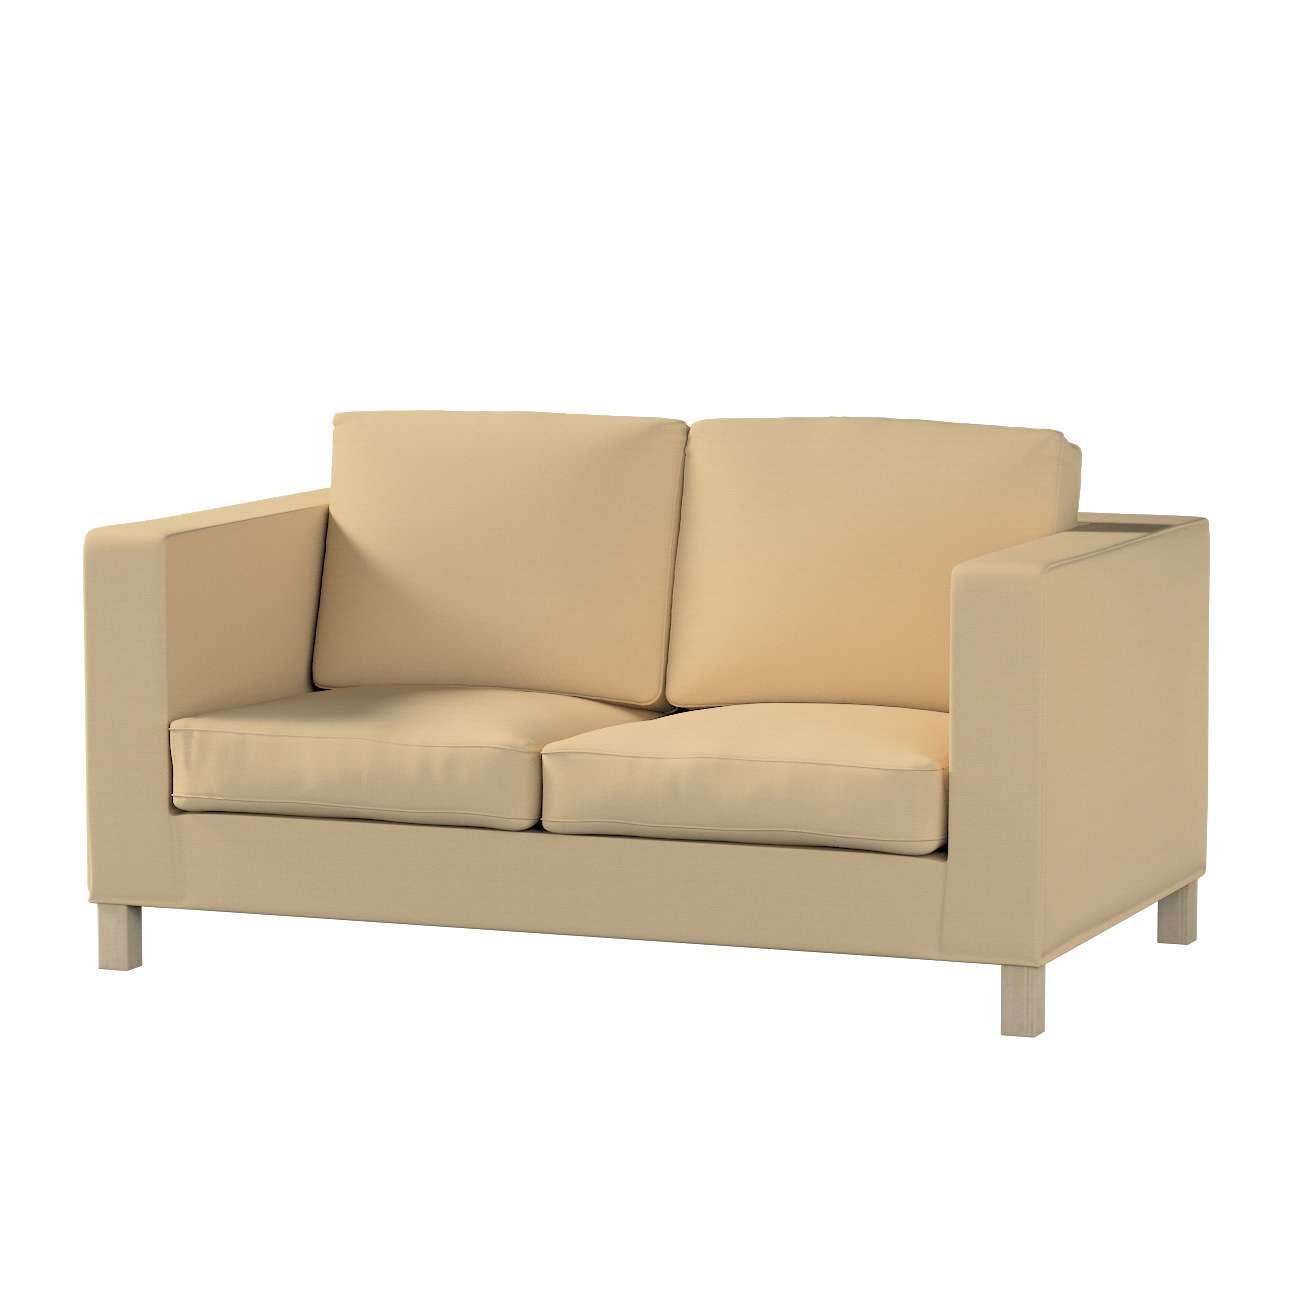 Pokrowiec na sofę Karlanda 2-osobową nierozkładaną, krótki Sofa Karlanda 2-os w kolekcji Cotton Panama, tkanina: 702-01